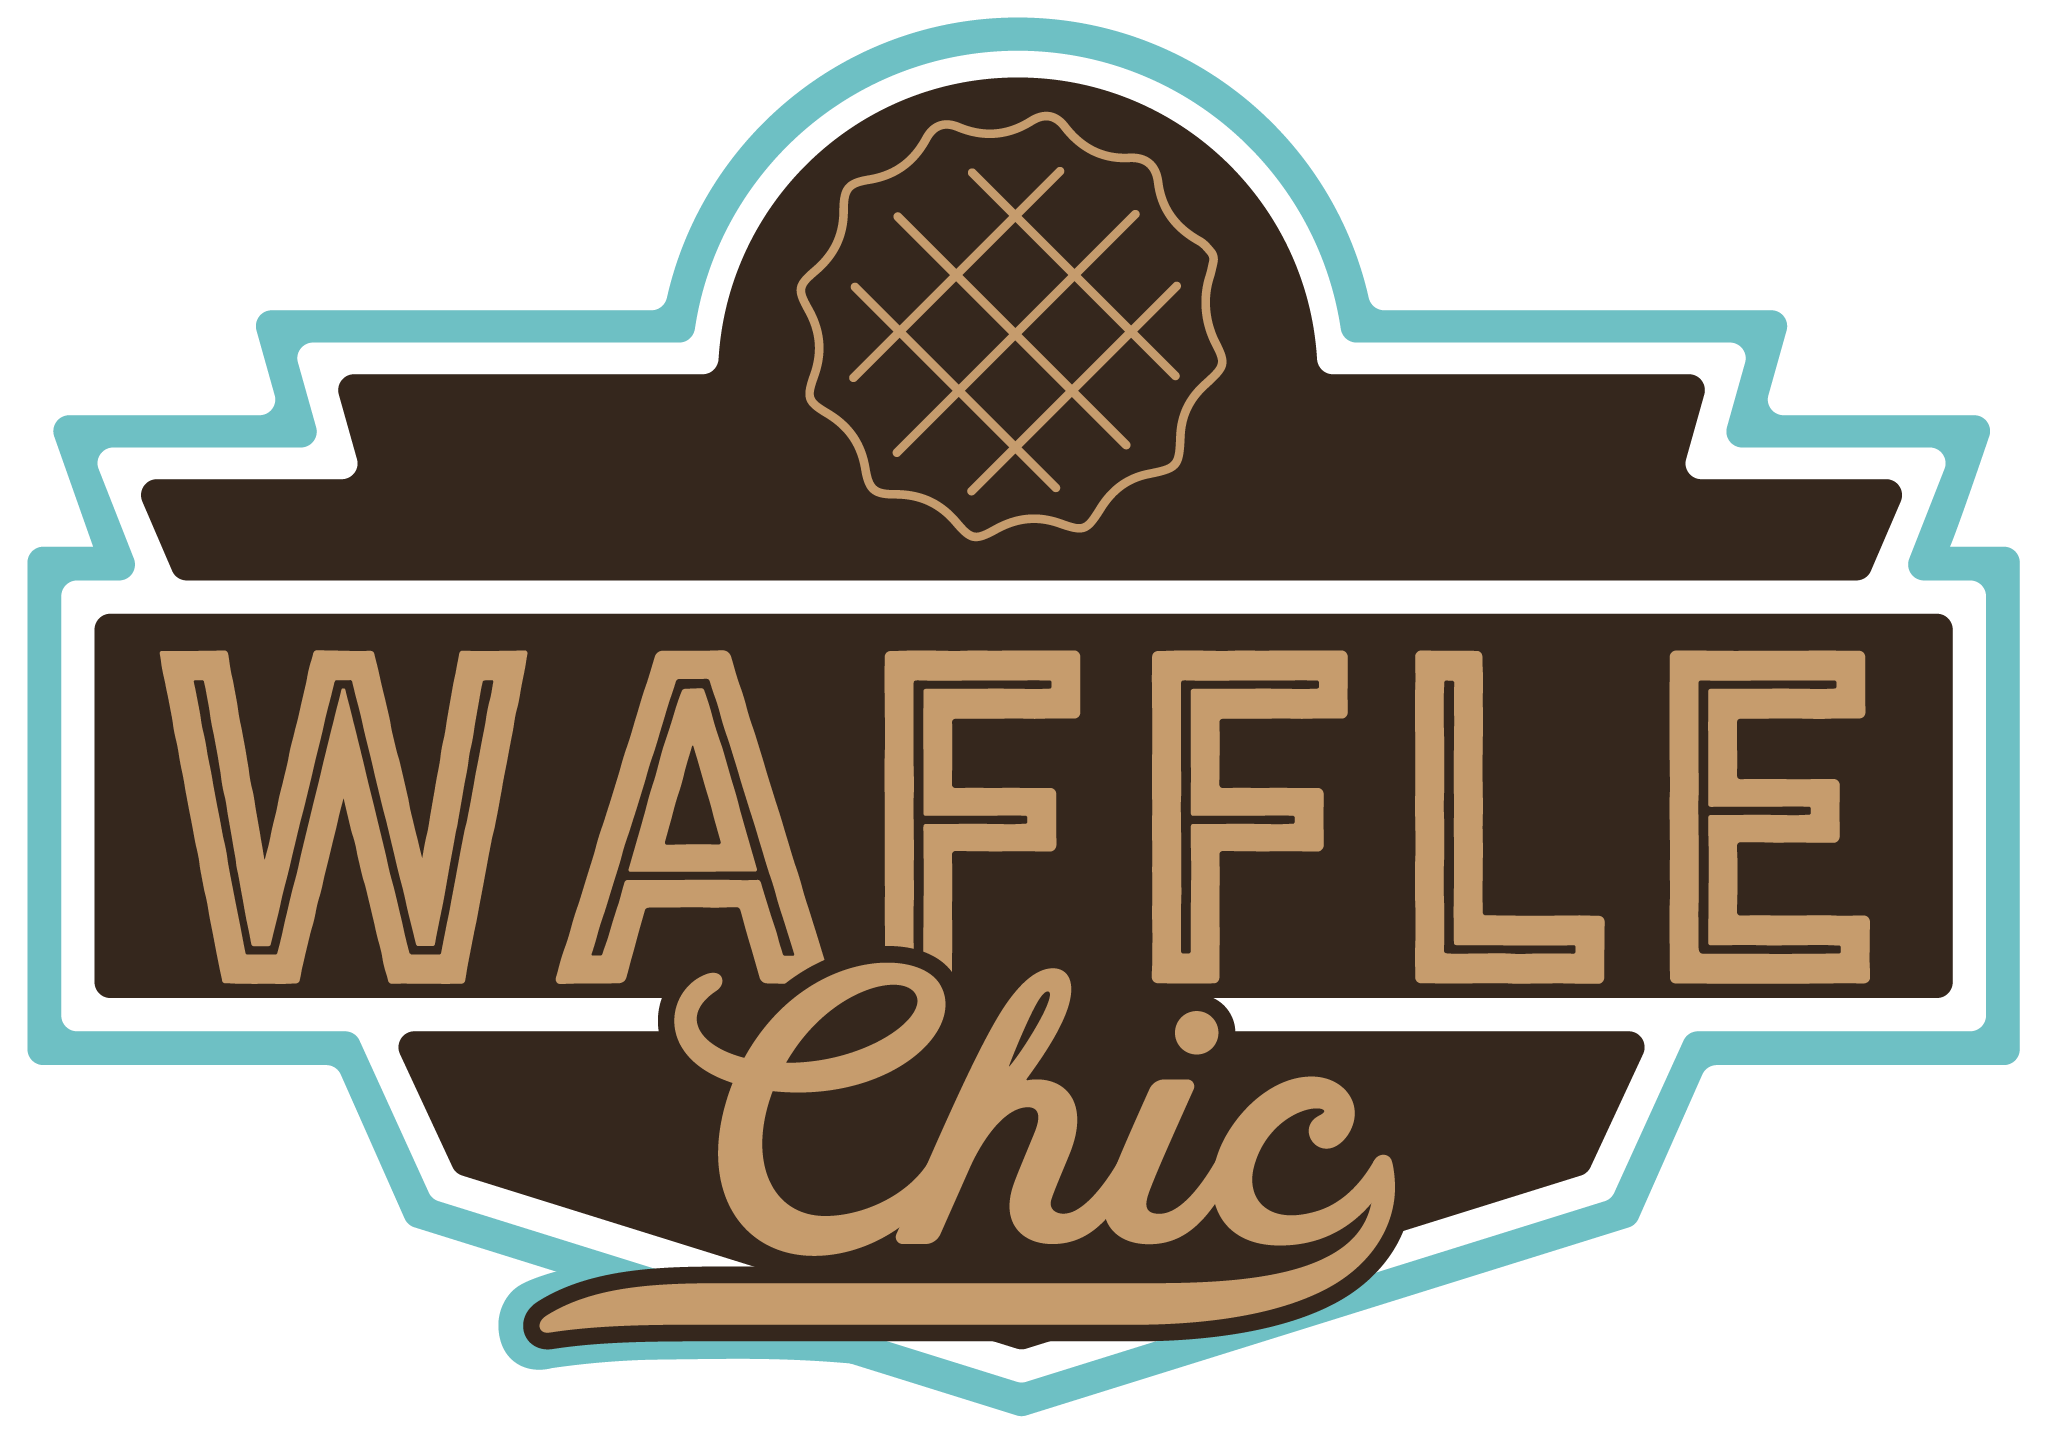 Waffle Chic Waco